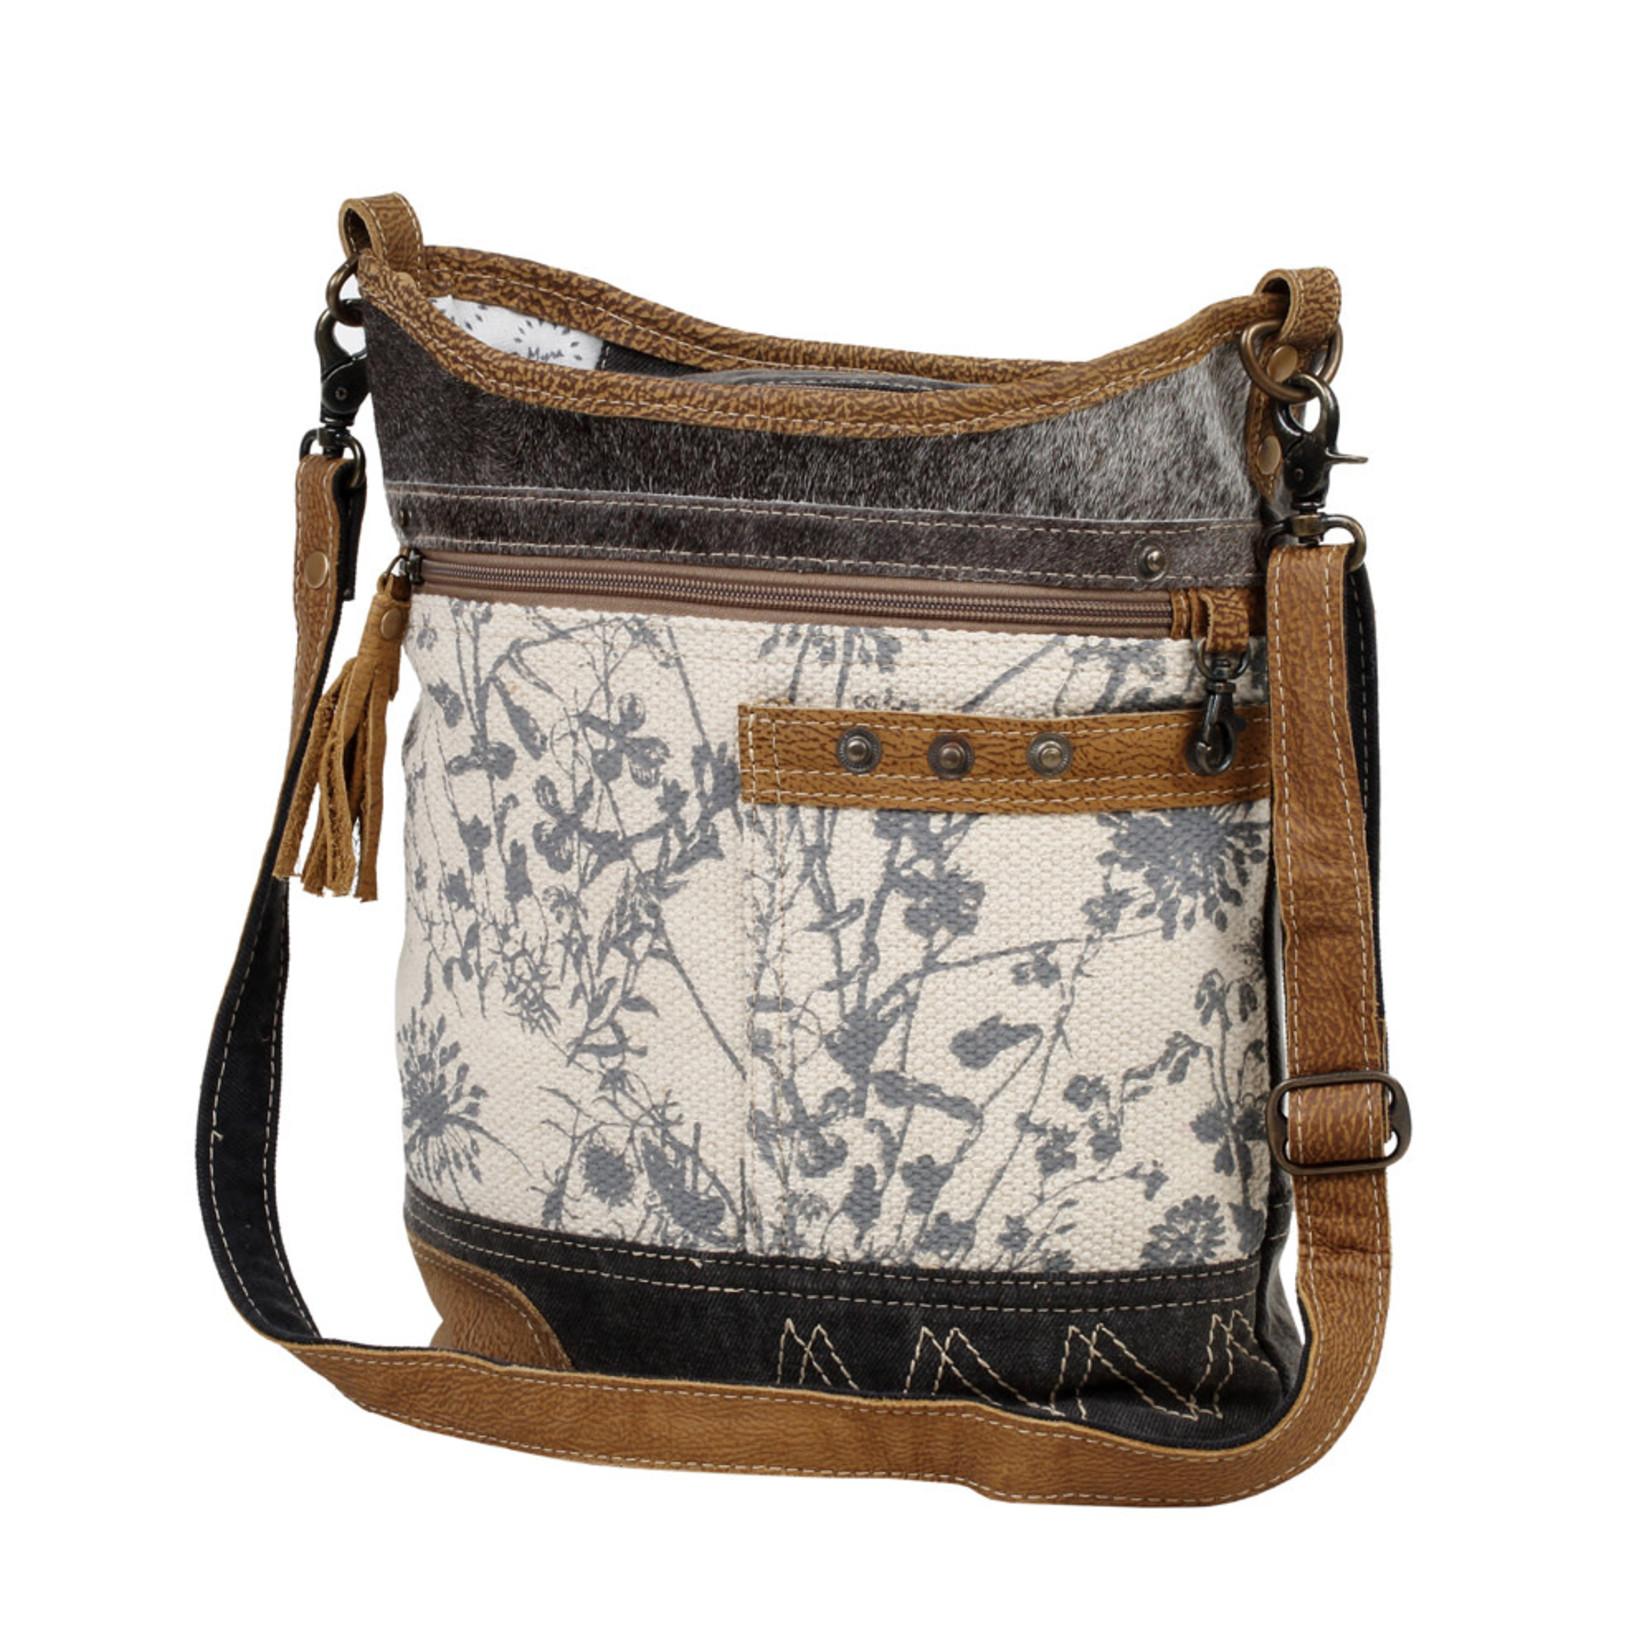 Myra Bags S-2638 Milestone Shoulder Bag